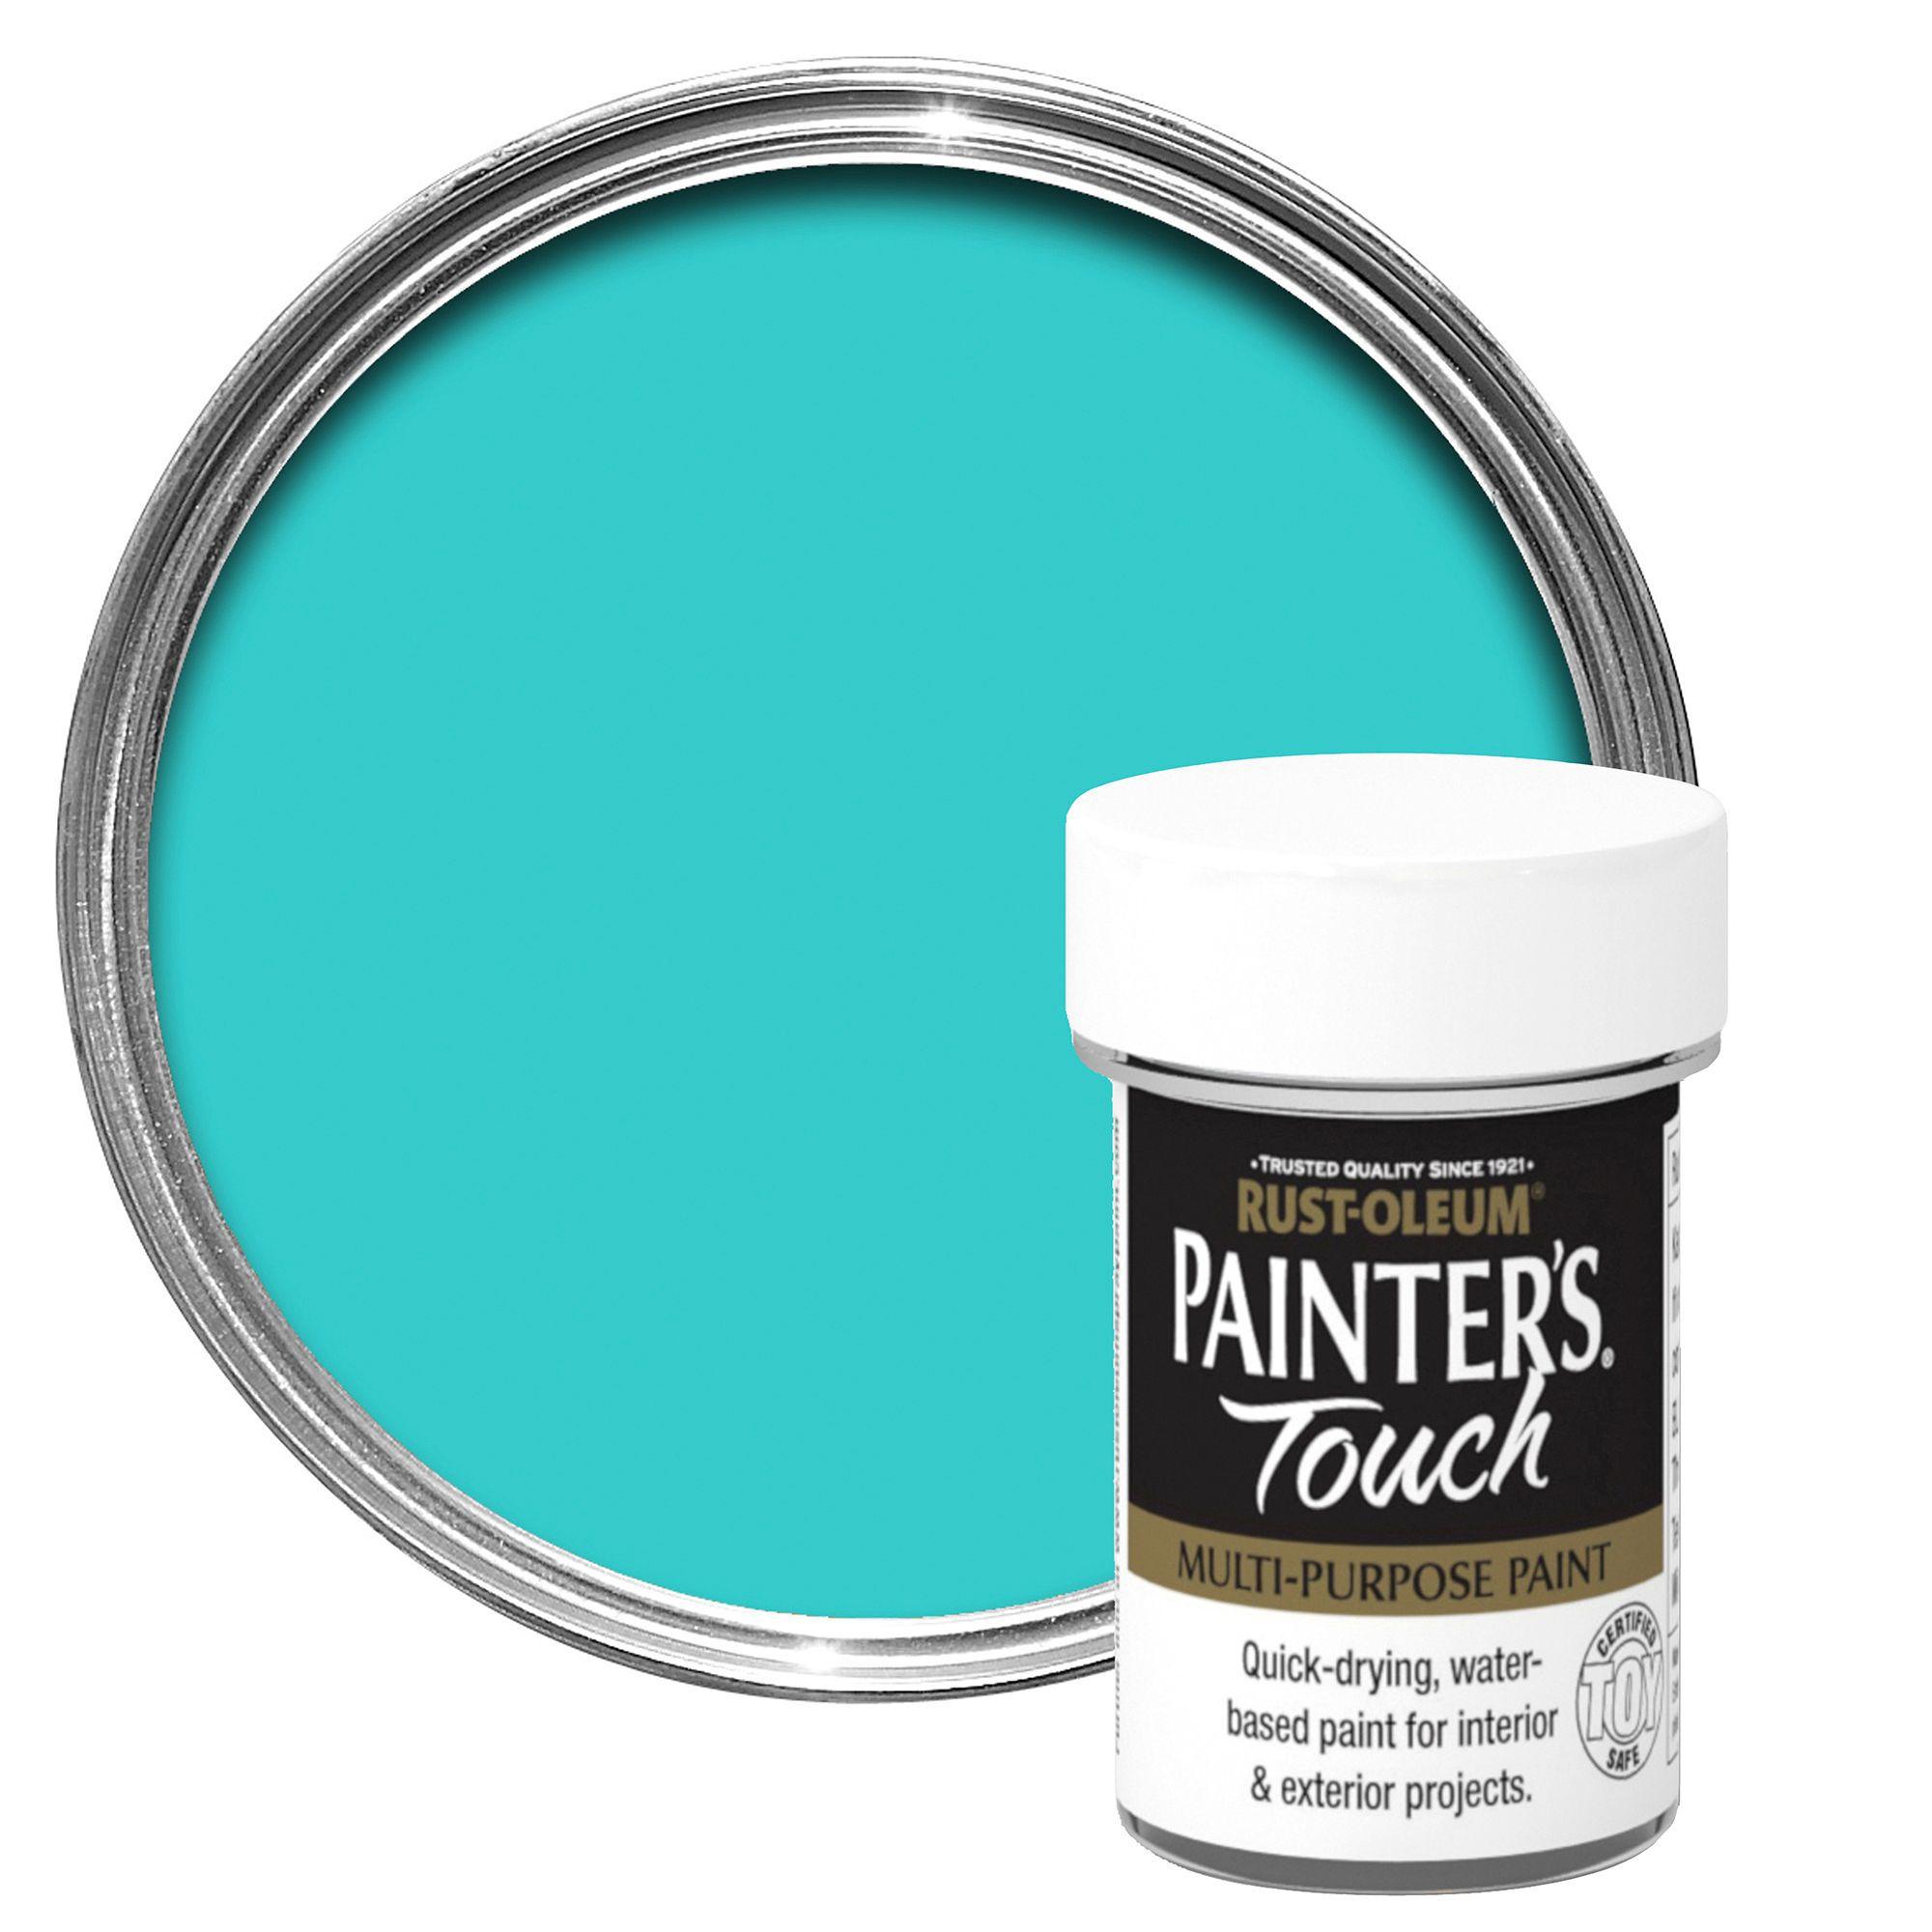 Rust-oleum Painter's Touch Interior & Exterior Aqua Gloss Multipurpose Paint 20ml